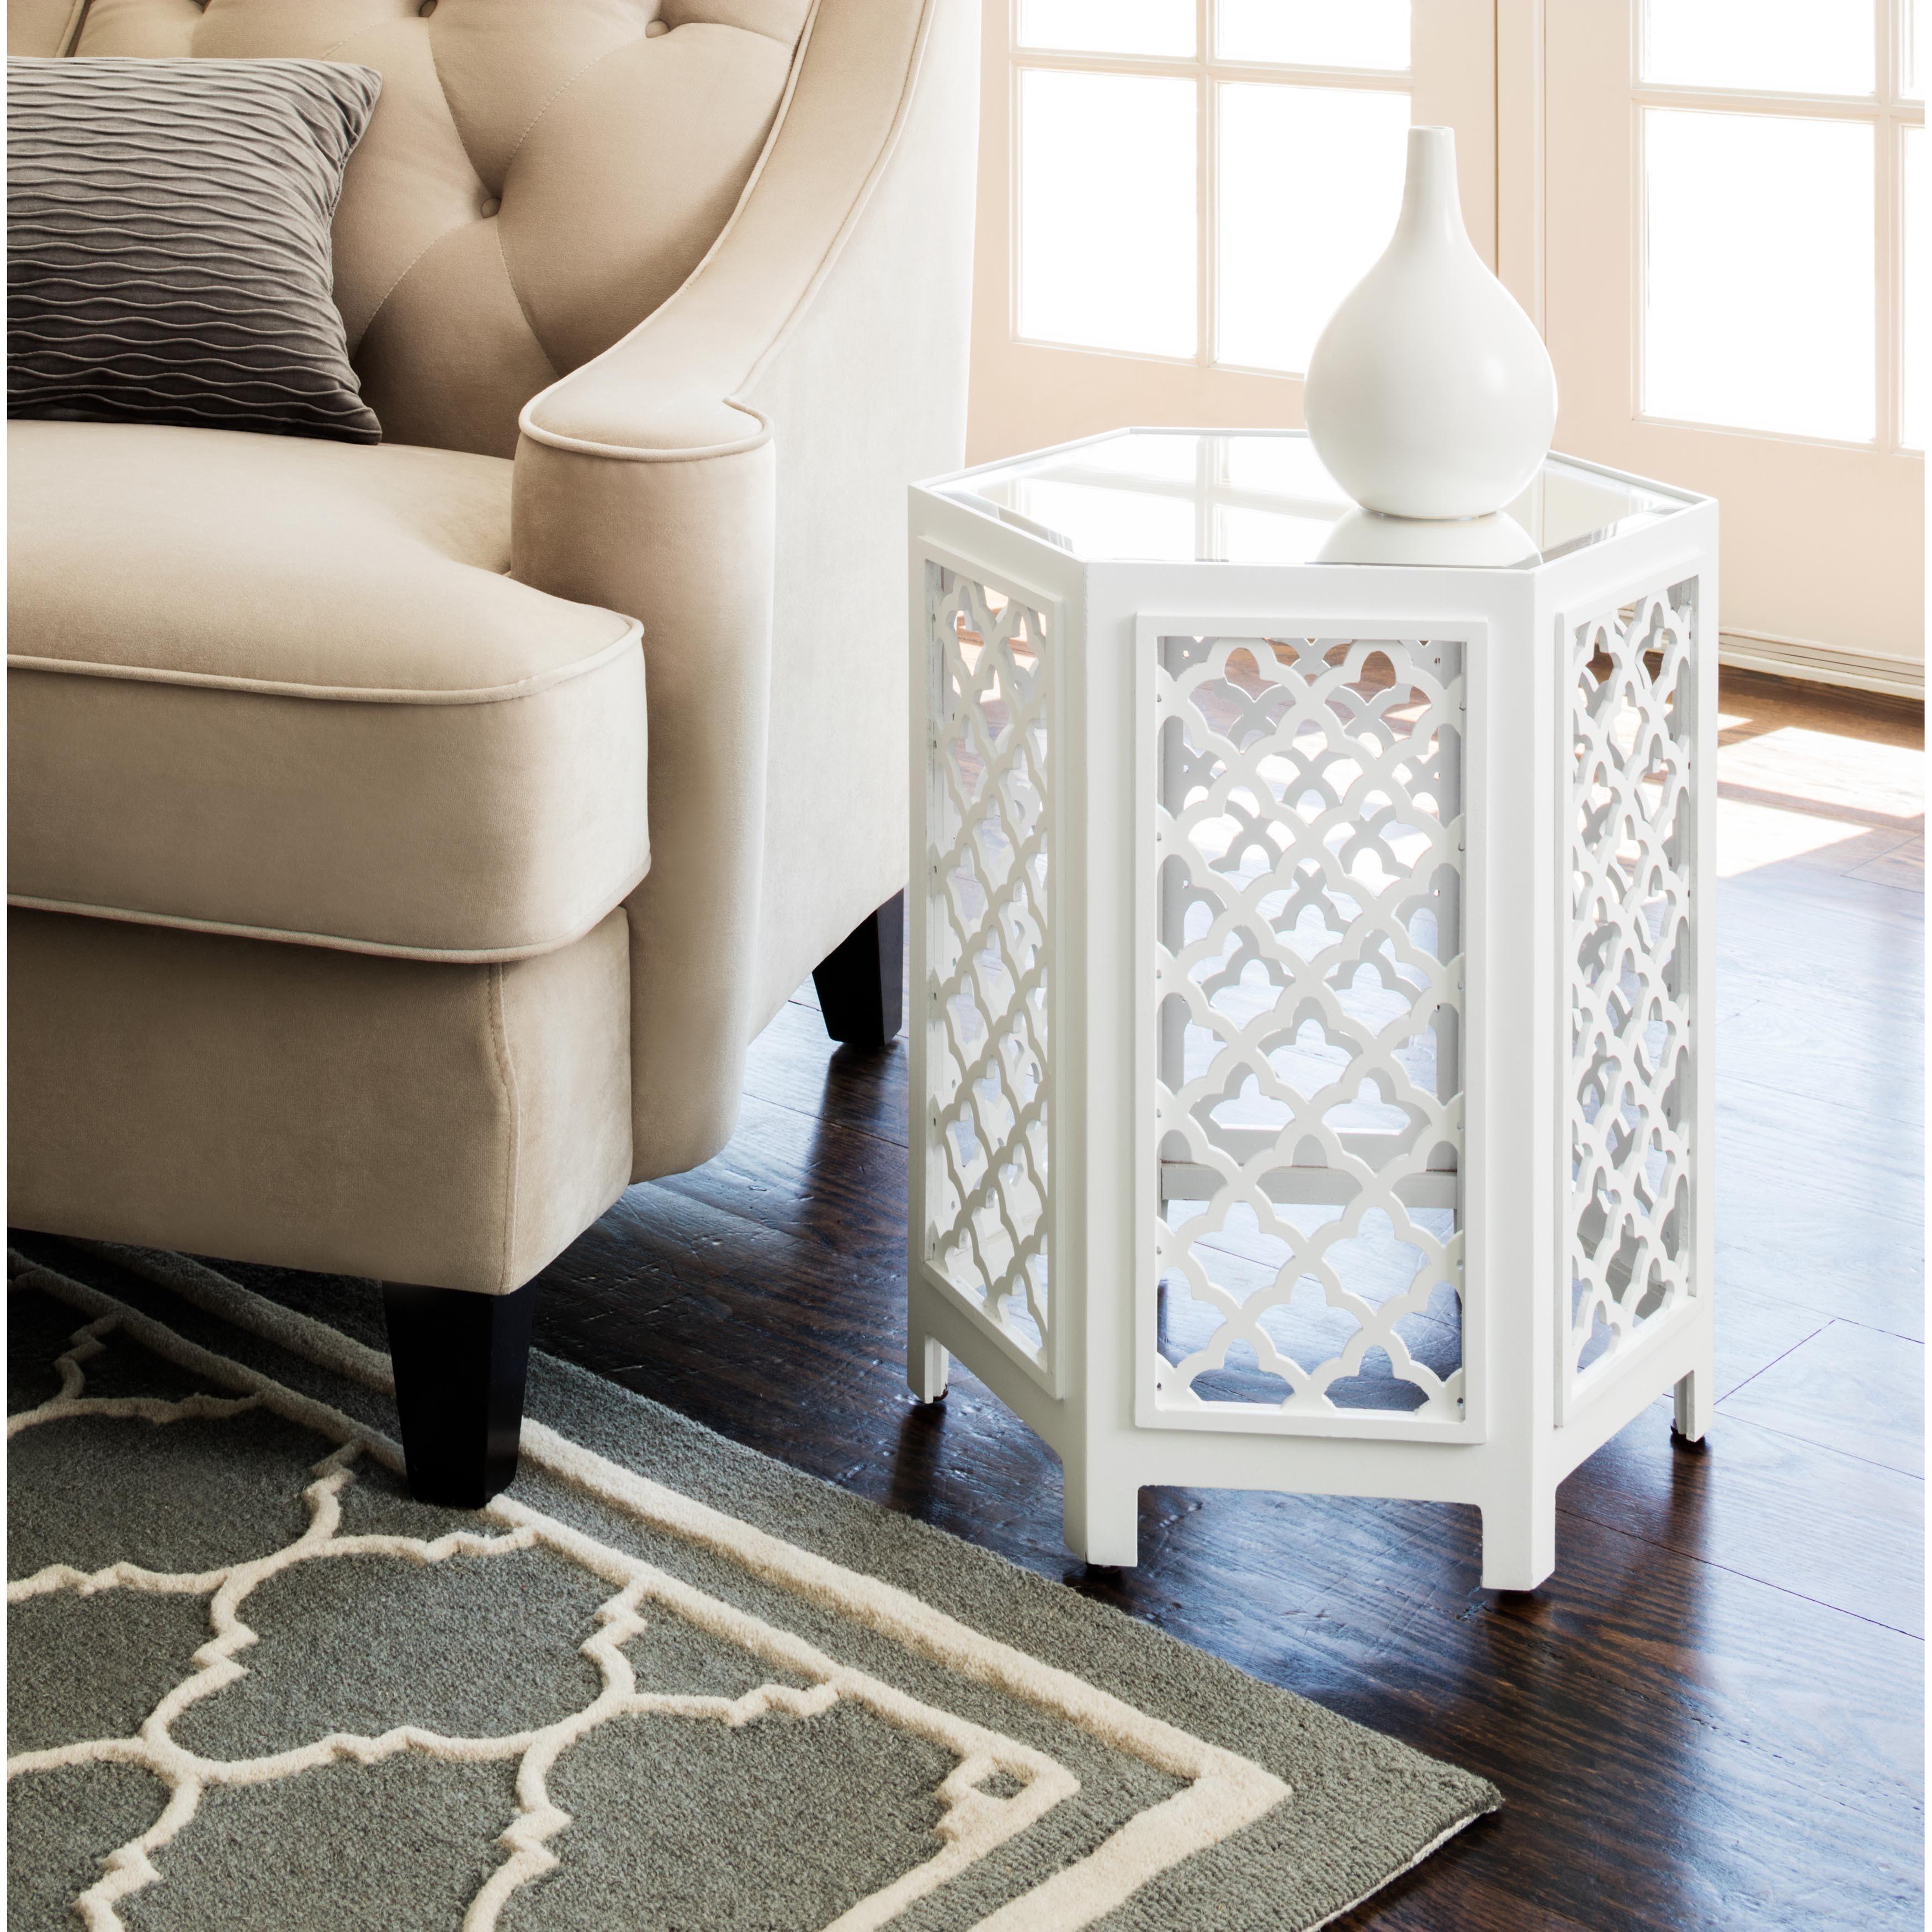 Abbyson Daytona White Mirrored End Table (As Is Item) (White)